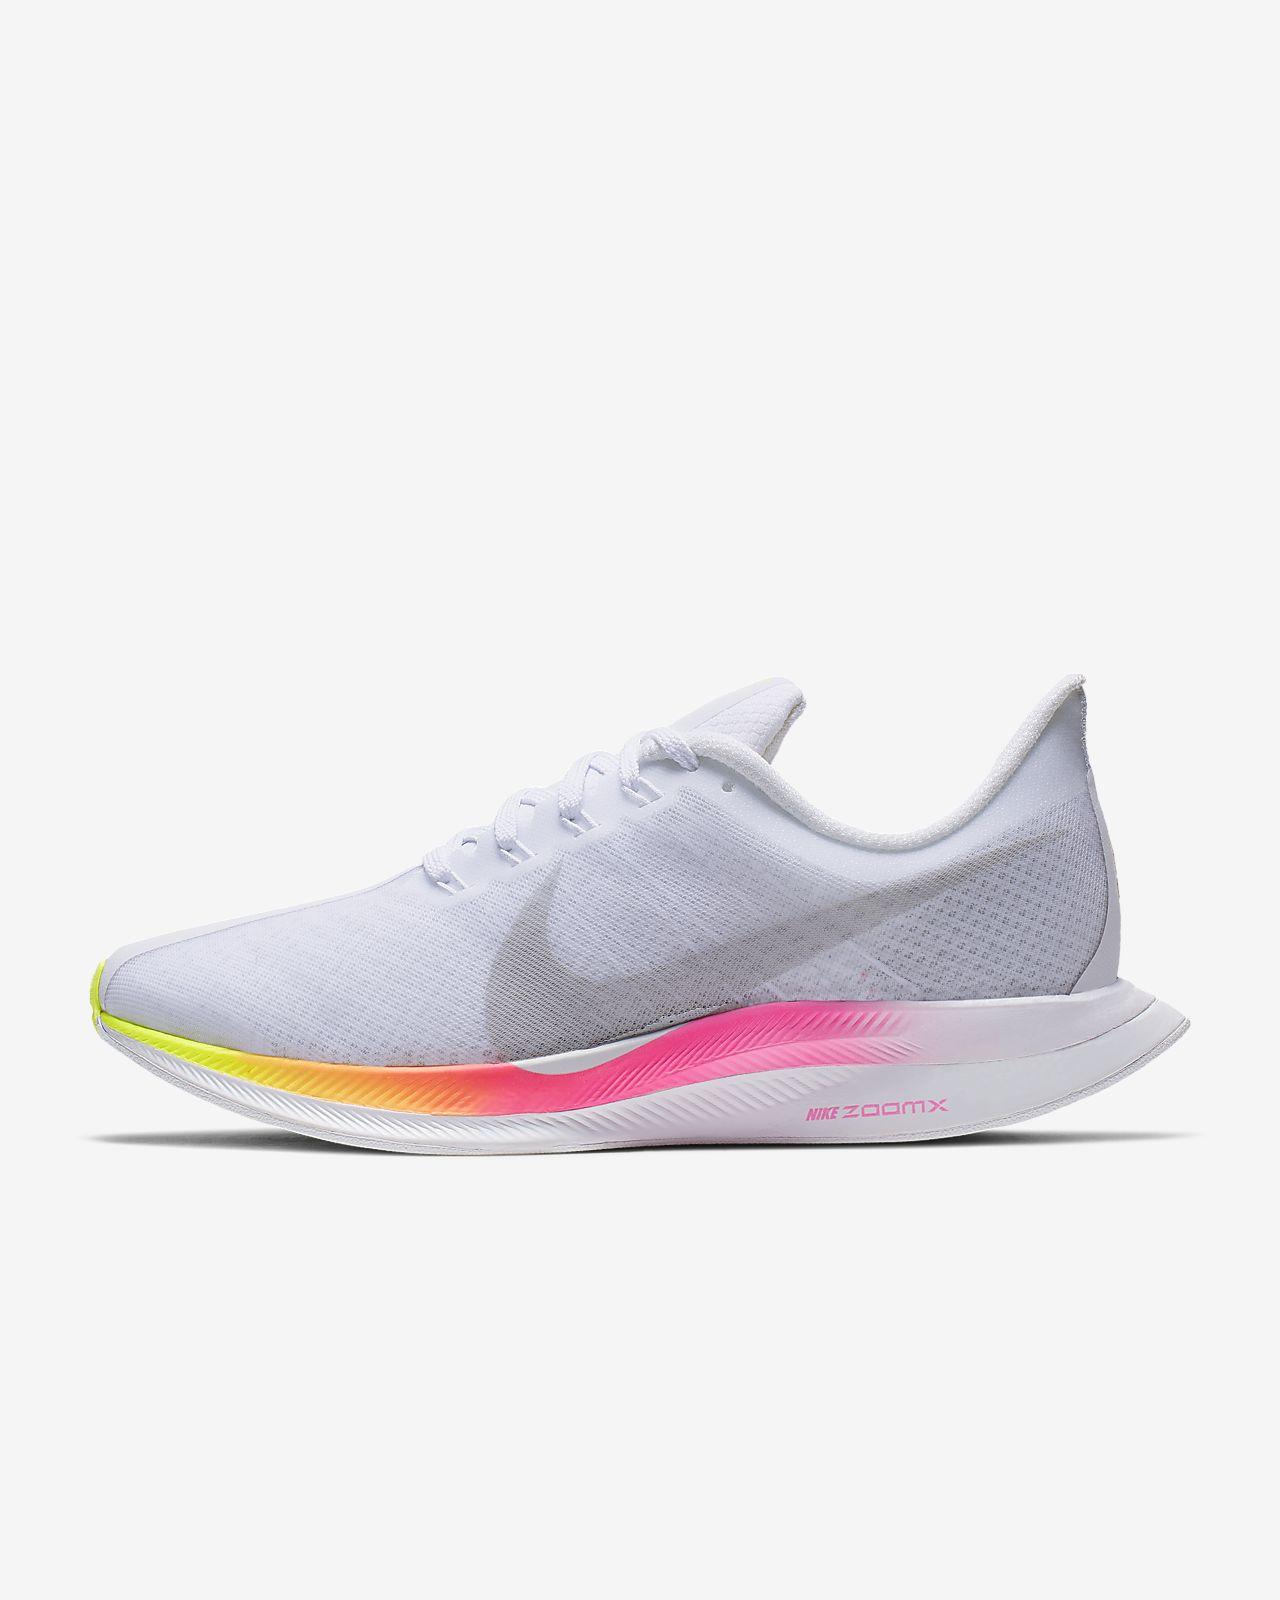 Nike Air Zoom Pegasus 35 Premium Damen-Laufschuh